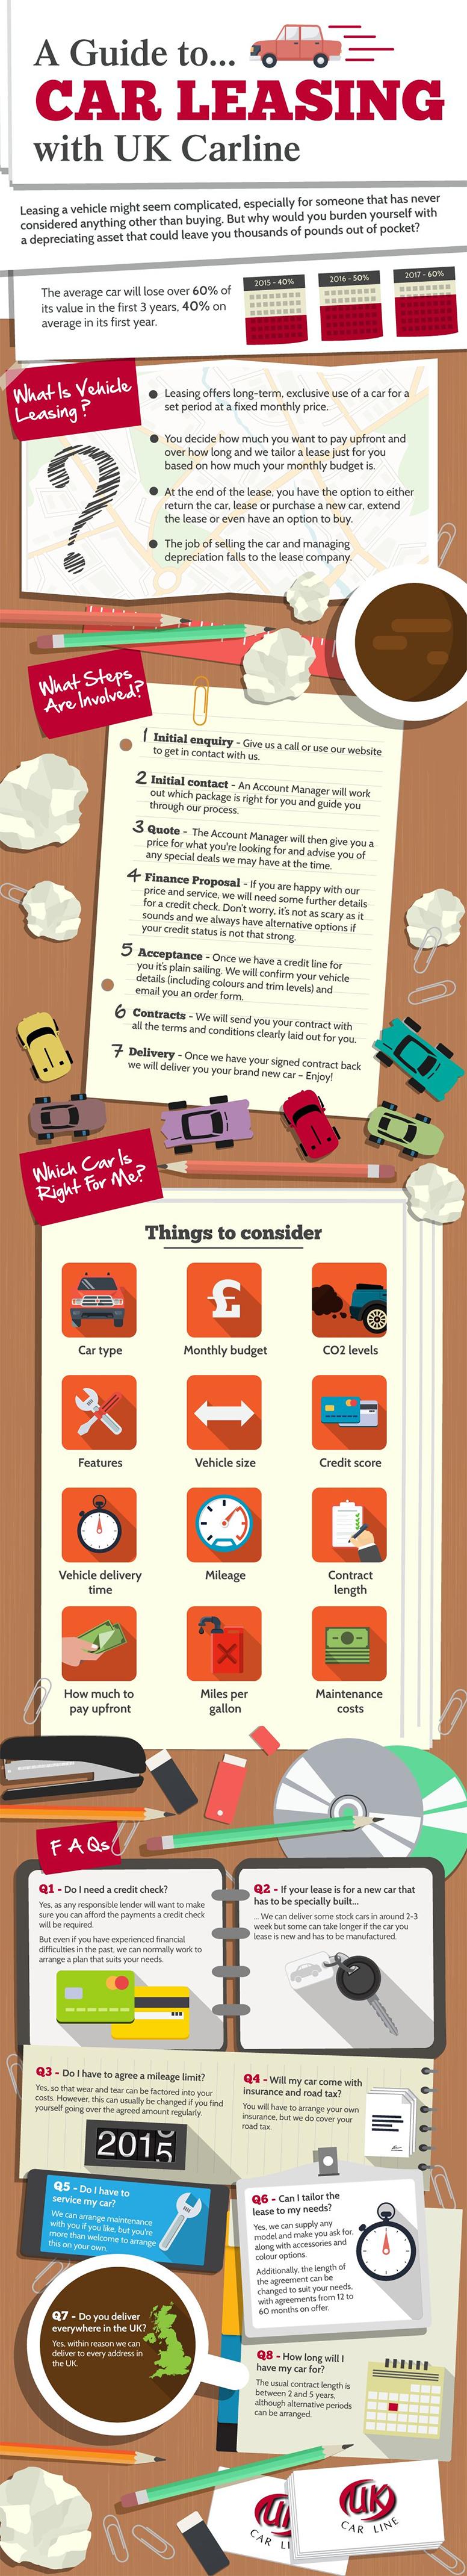 Car Leasing Guide